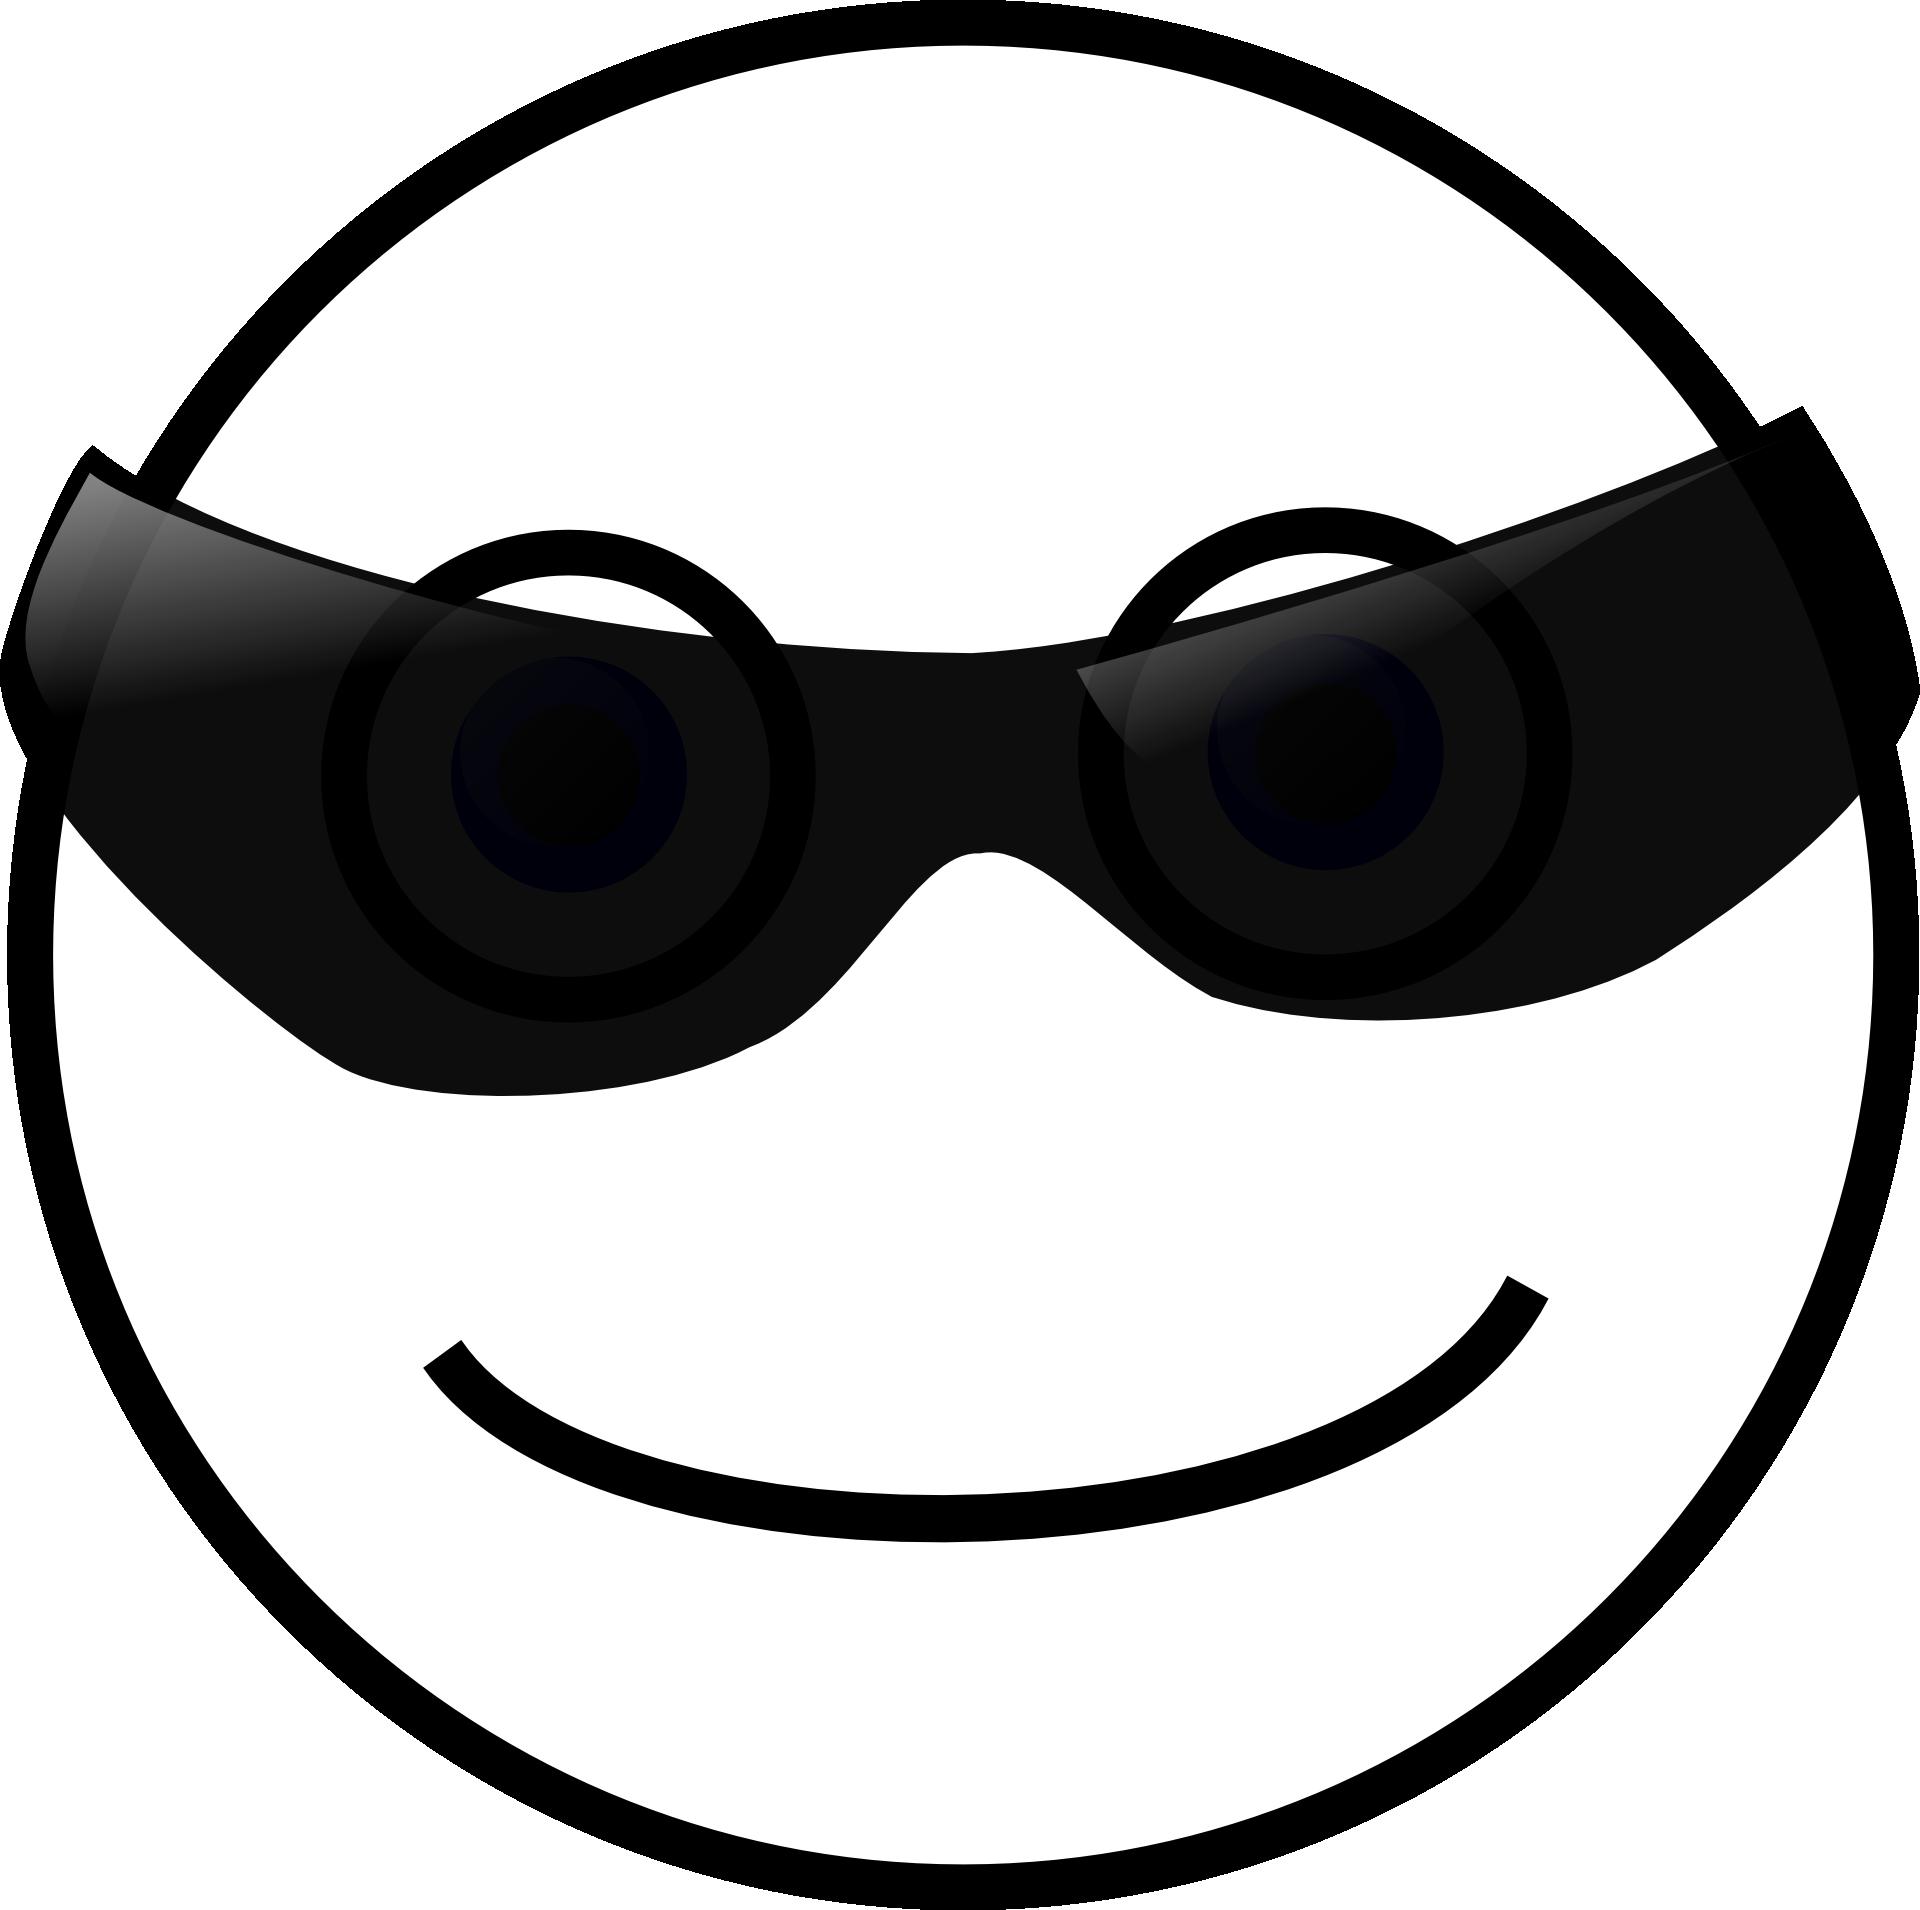 Смешные картинки с очками пнг без фона, краном водой